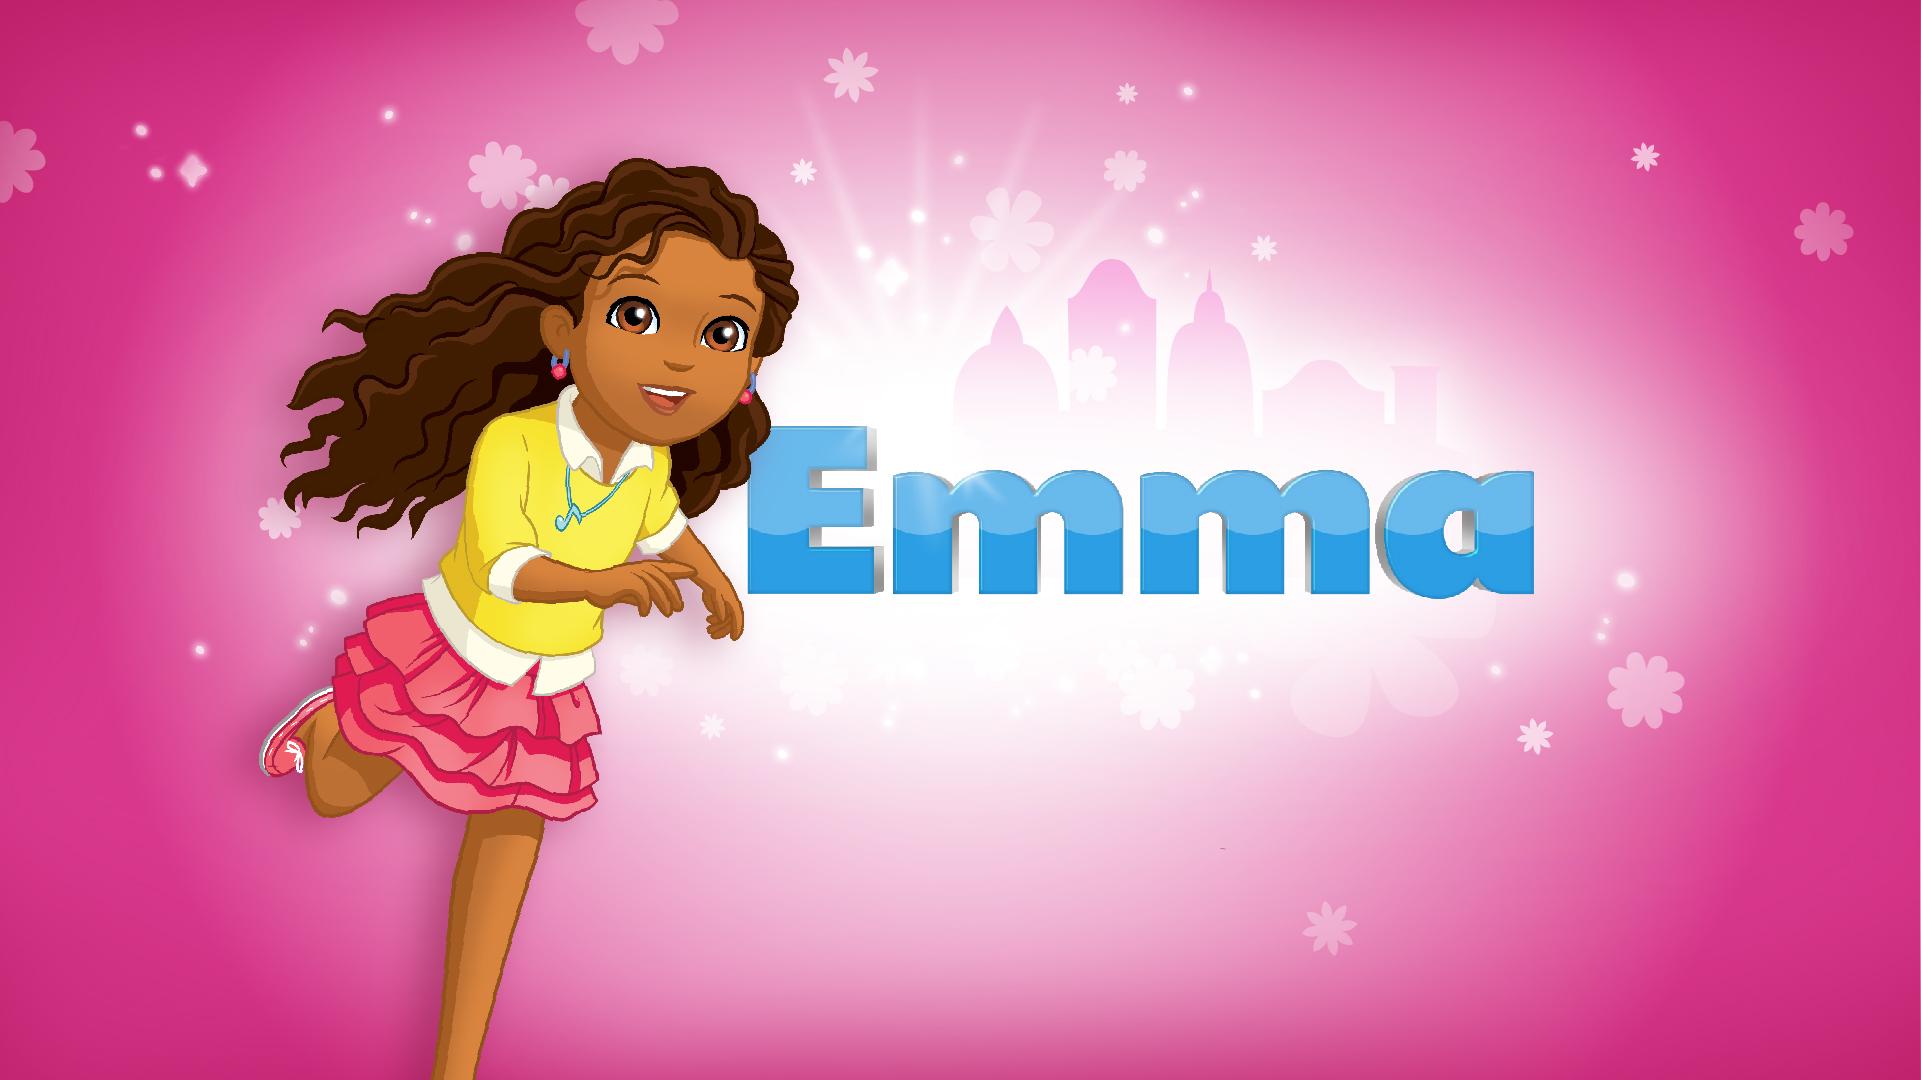 14_DAF_Emma-01.jpg